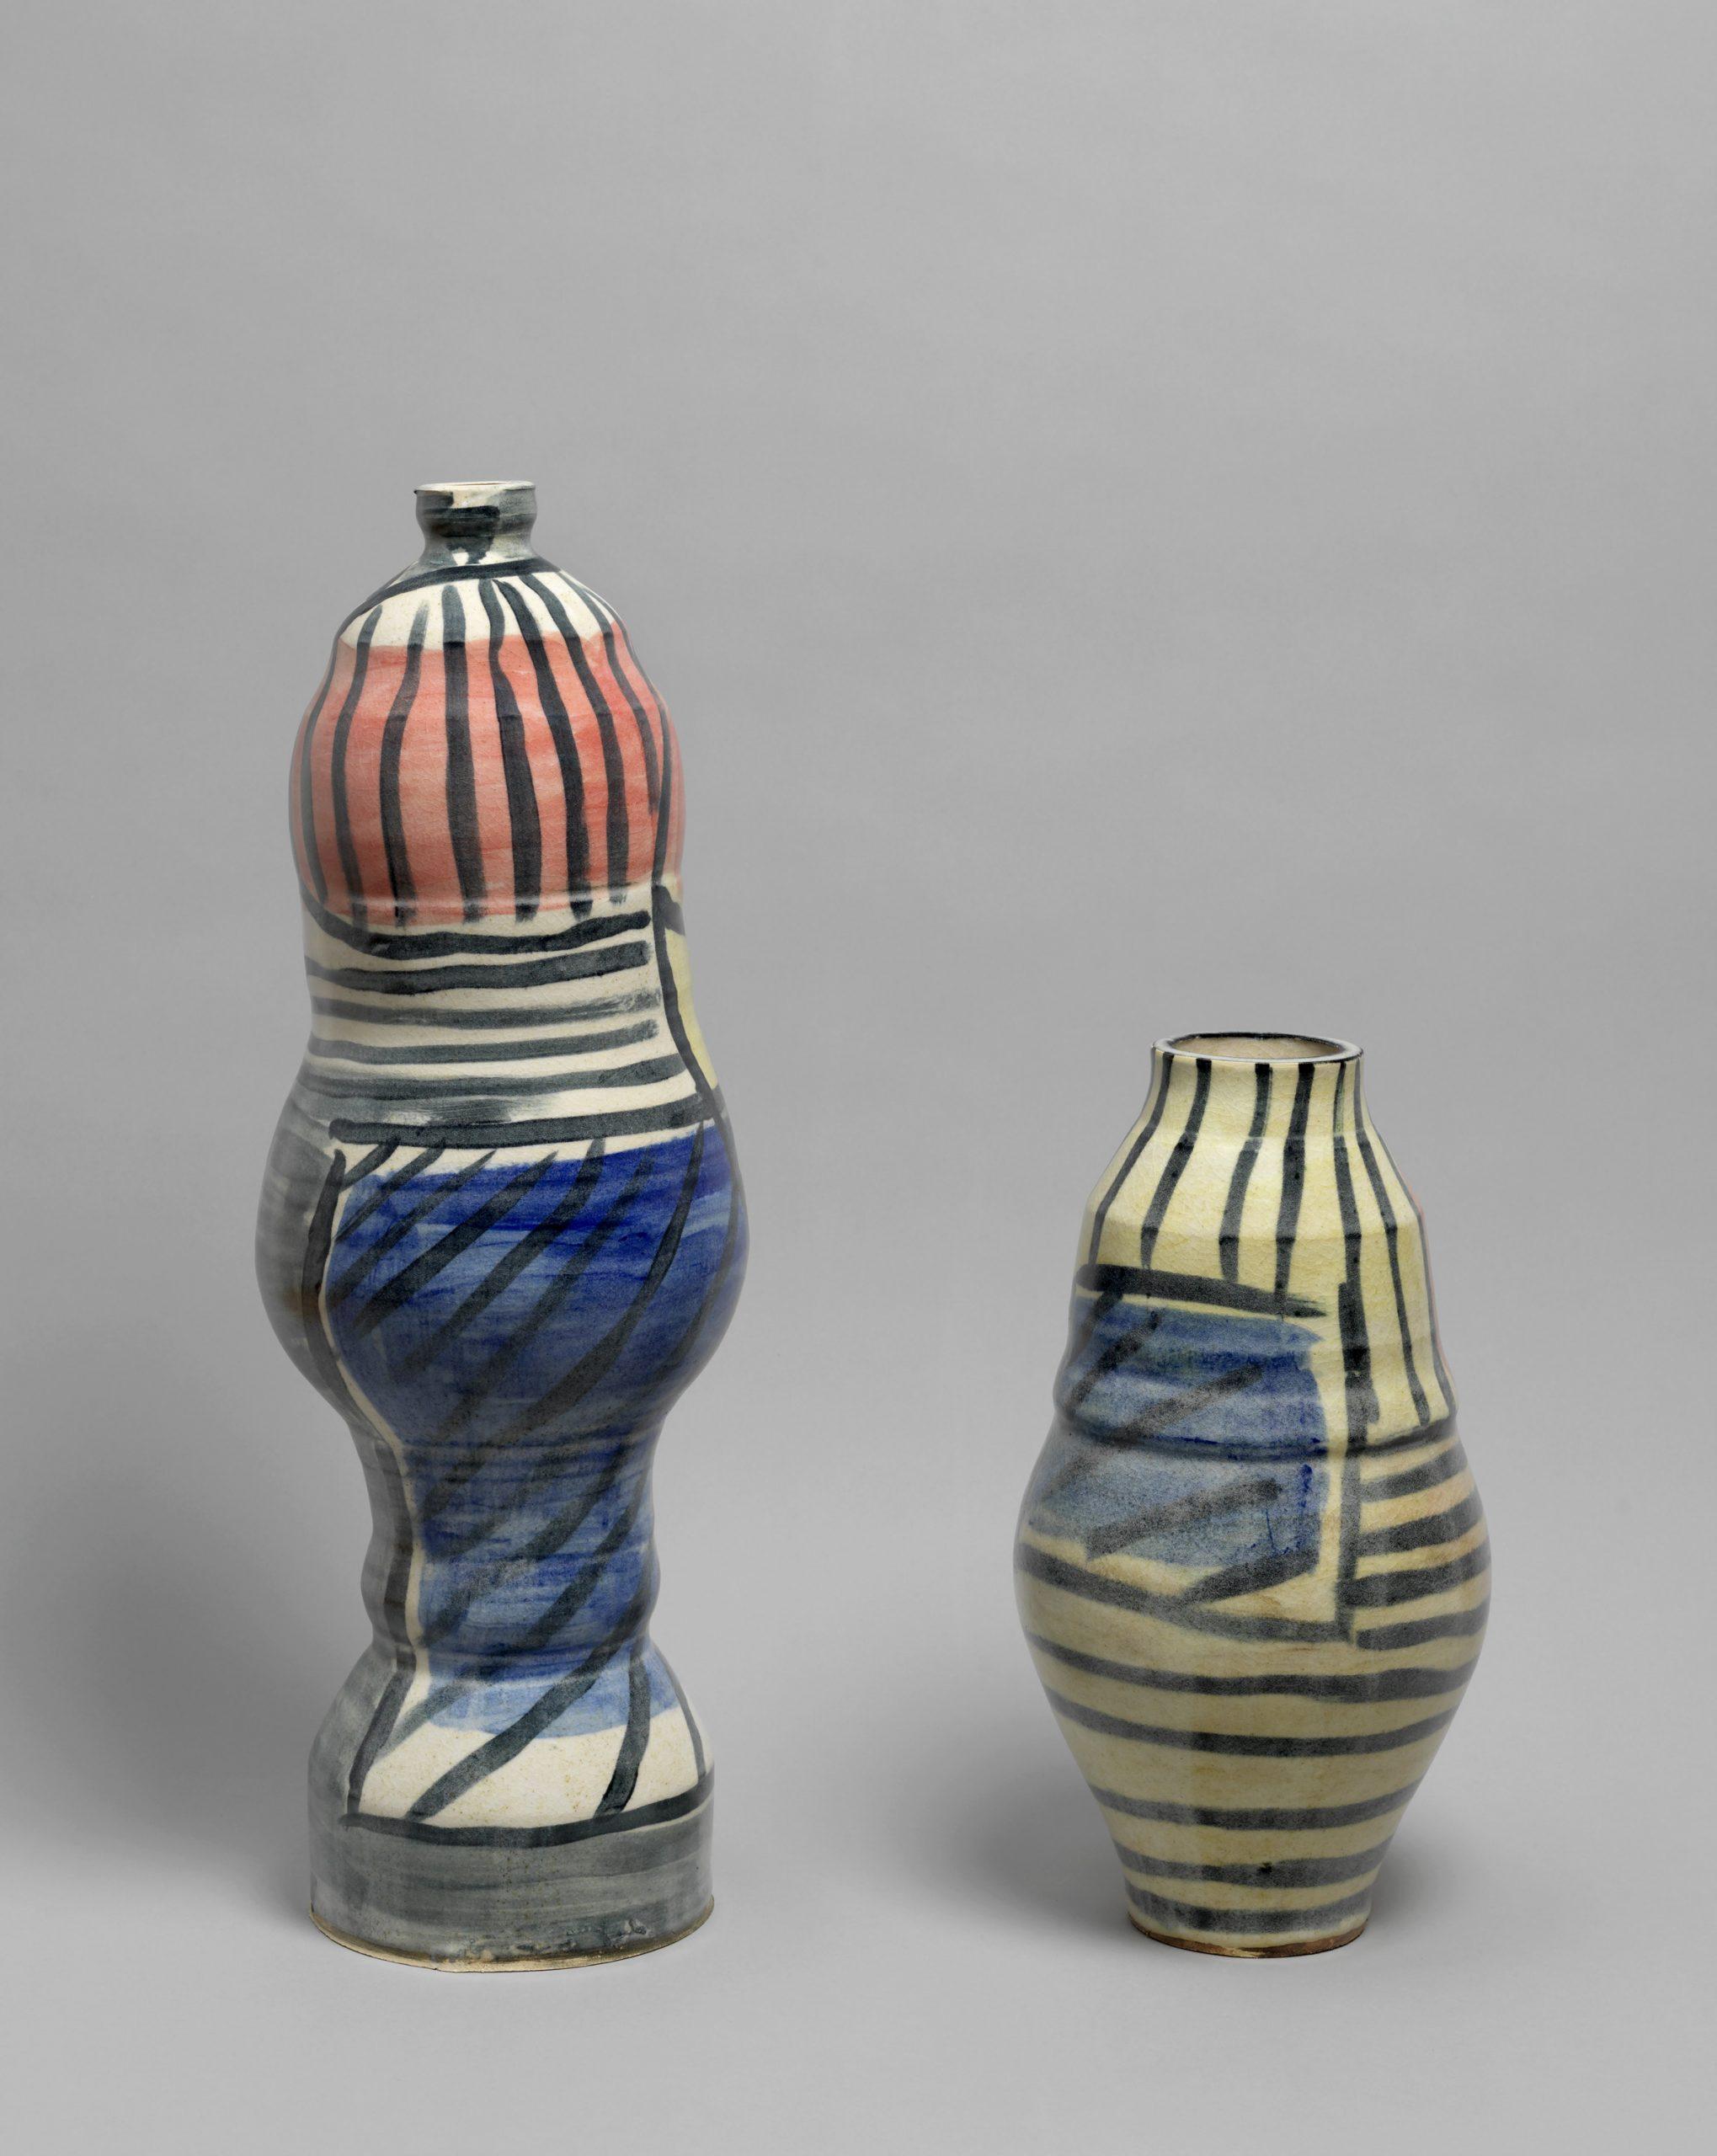 2 ceramic pots